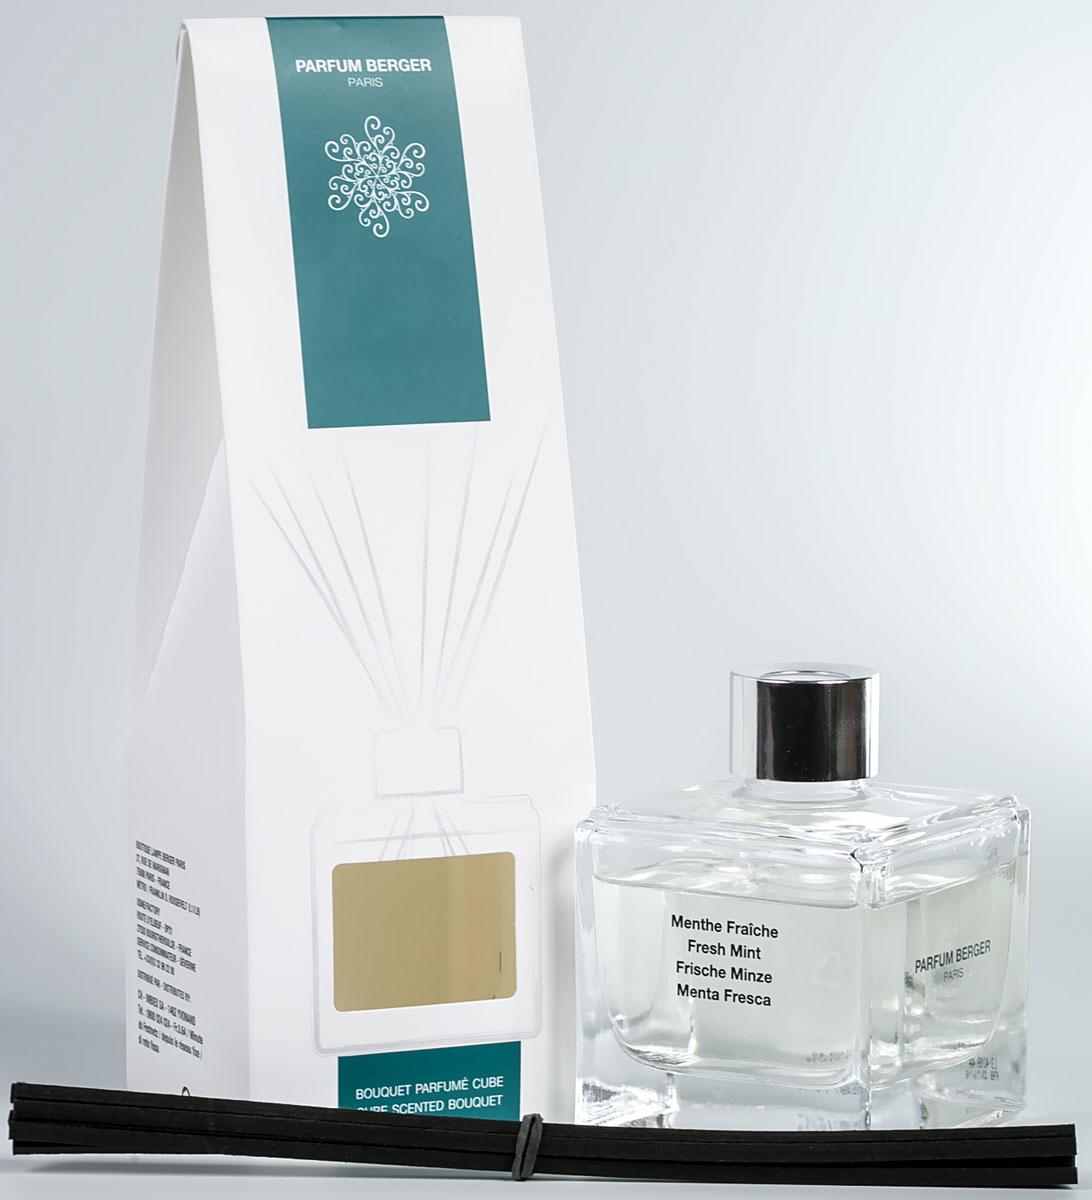 Диффузор ароматический Parfum Berger Свежая мята, с палочками, 125 мл2000000047287Особенность диффузера Parfum Berger заключается в применении инновационных полимерных палочек, что эффективнее любых тростниковых в 5 раз. Остаточный эффект от аромажидкости остается в полимерных палочках еще на протяжении более 2-х недель и продолжает вас радовать, пока вы не дольете во флакон свой любимый аромат. Комплект состоит из подарочной коробочки, строгого флакона (125 мл), аромажидкости и комплекта полимерных палочек. Элегантный куб из прозрачного стекла, украшенный серебристым кольцом, с эффектно смотрящимся букетом из черных палочек, который придает композиции современный вид. Сделанные из технического полимера, 8 палочек гарантируют идеальное распространение аромата. Не теряют свой цвет при контакте с содержимым флакона.